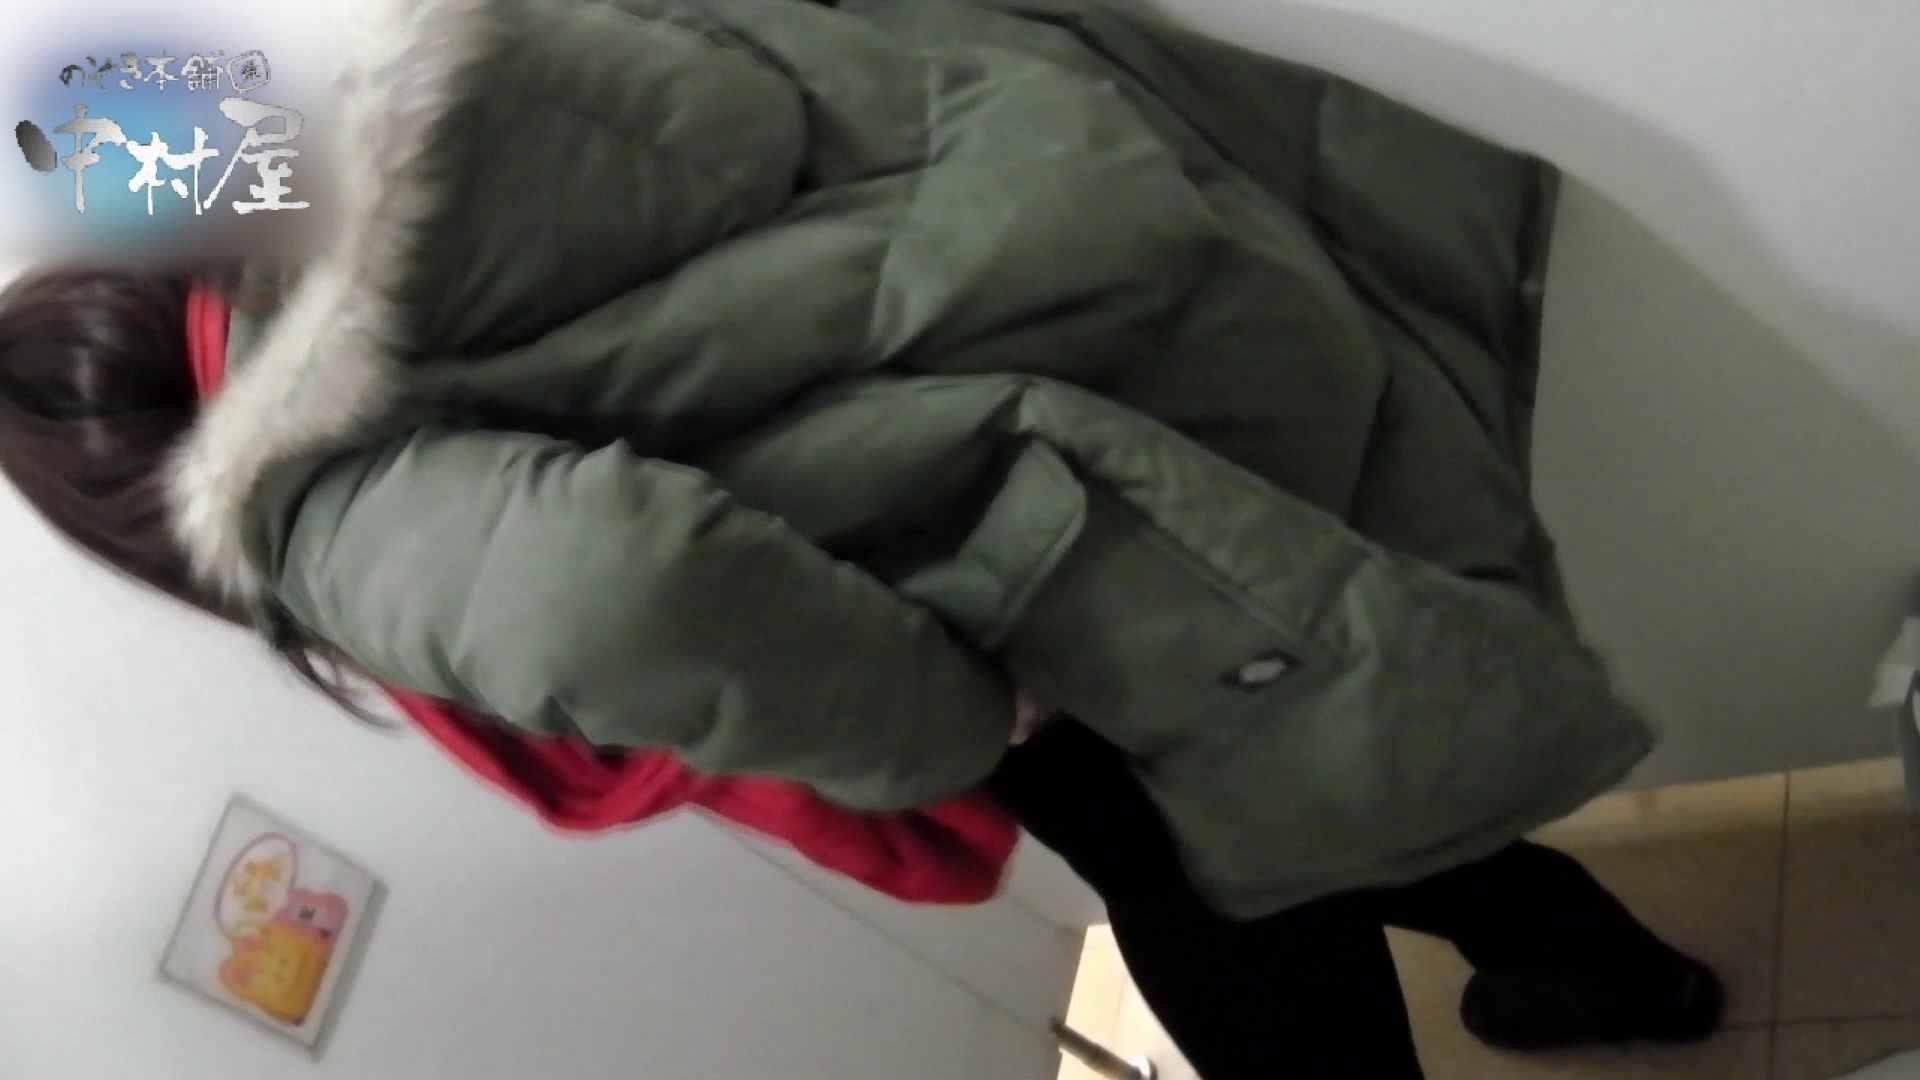 乙女集まる!ショッピングモール潜入撮vol.12 OLのエロ生活 セックス画像 76連発 2